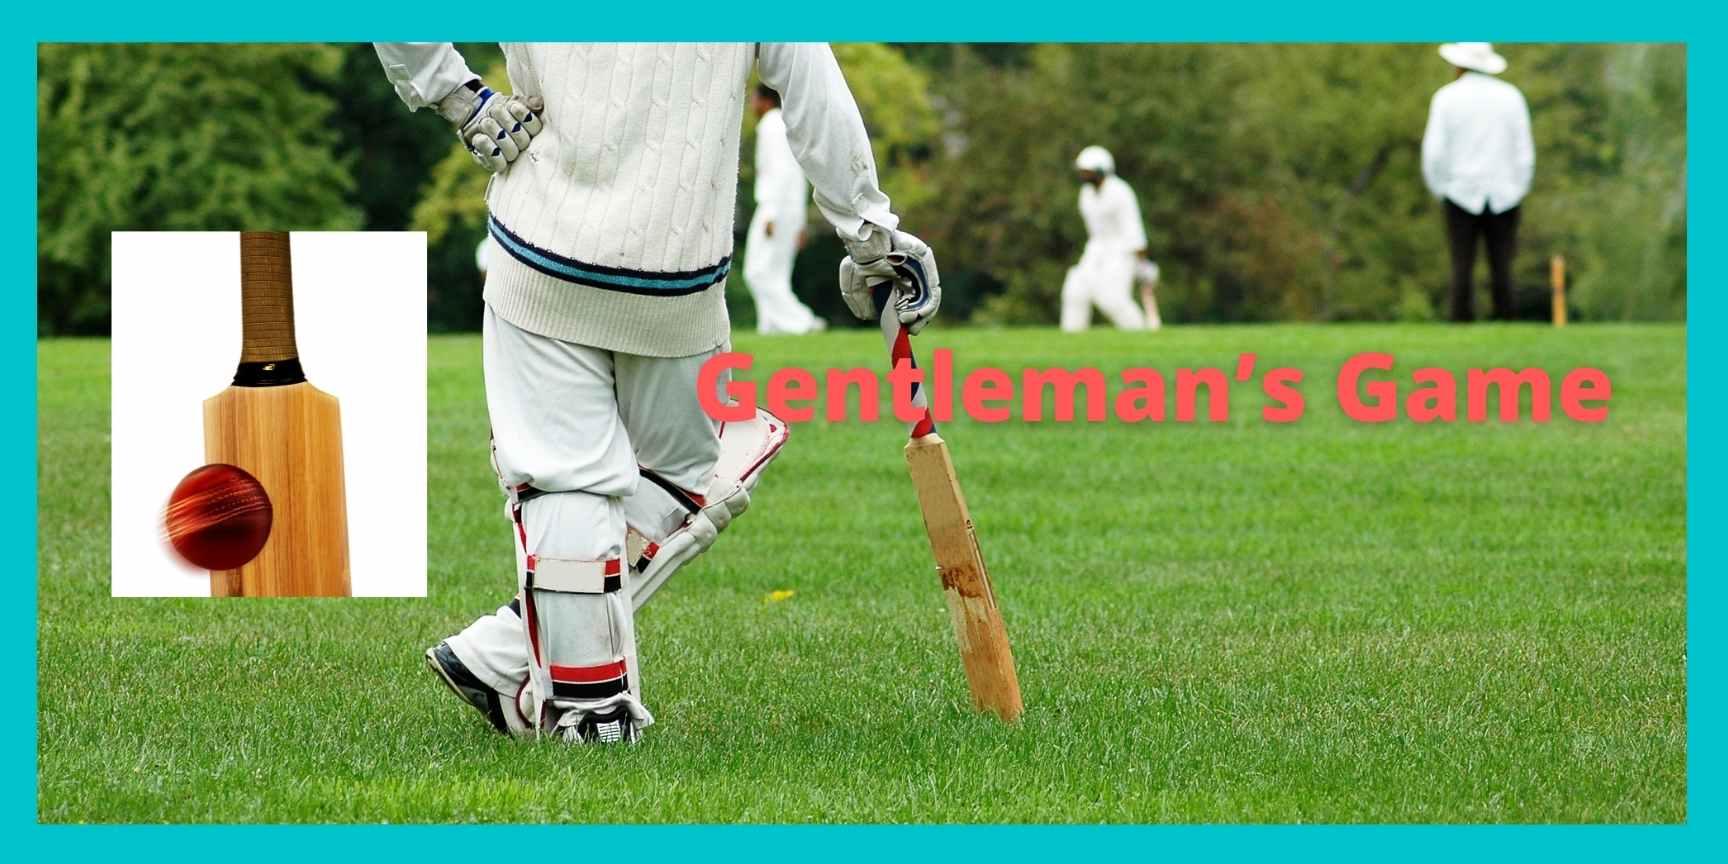 cricket is gentleman's game